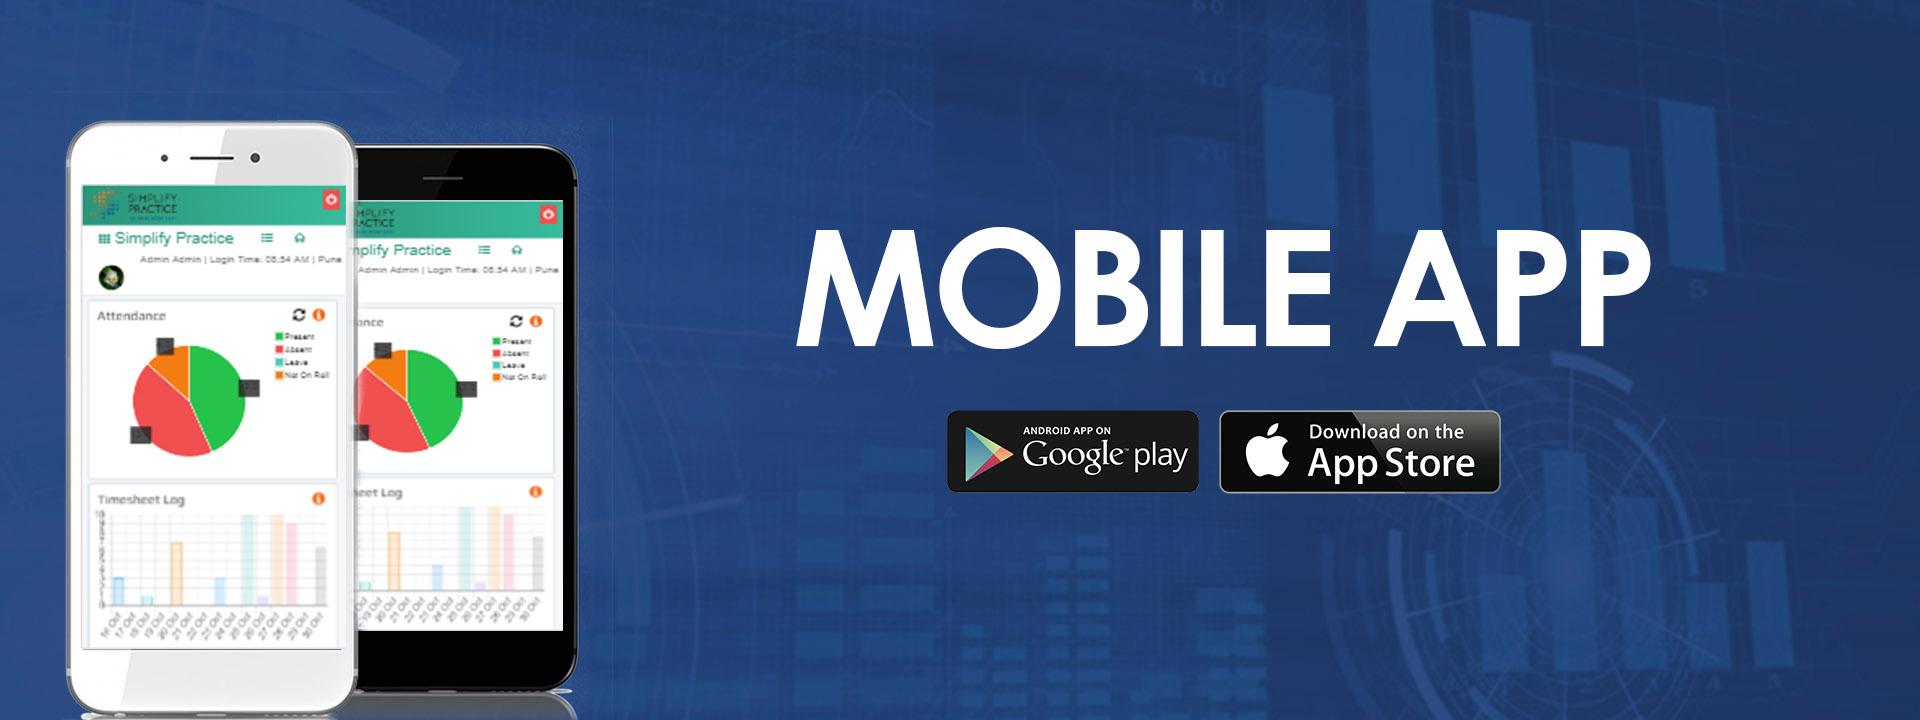 mob-app.jpg